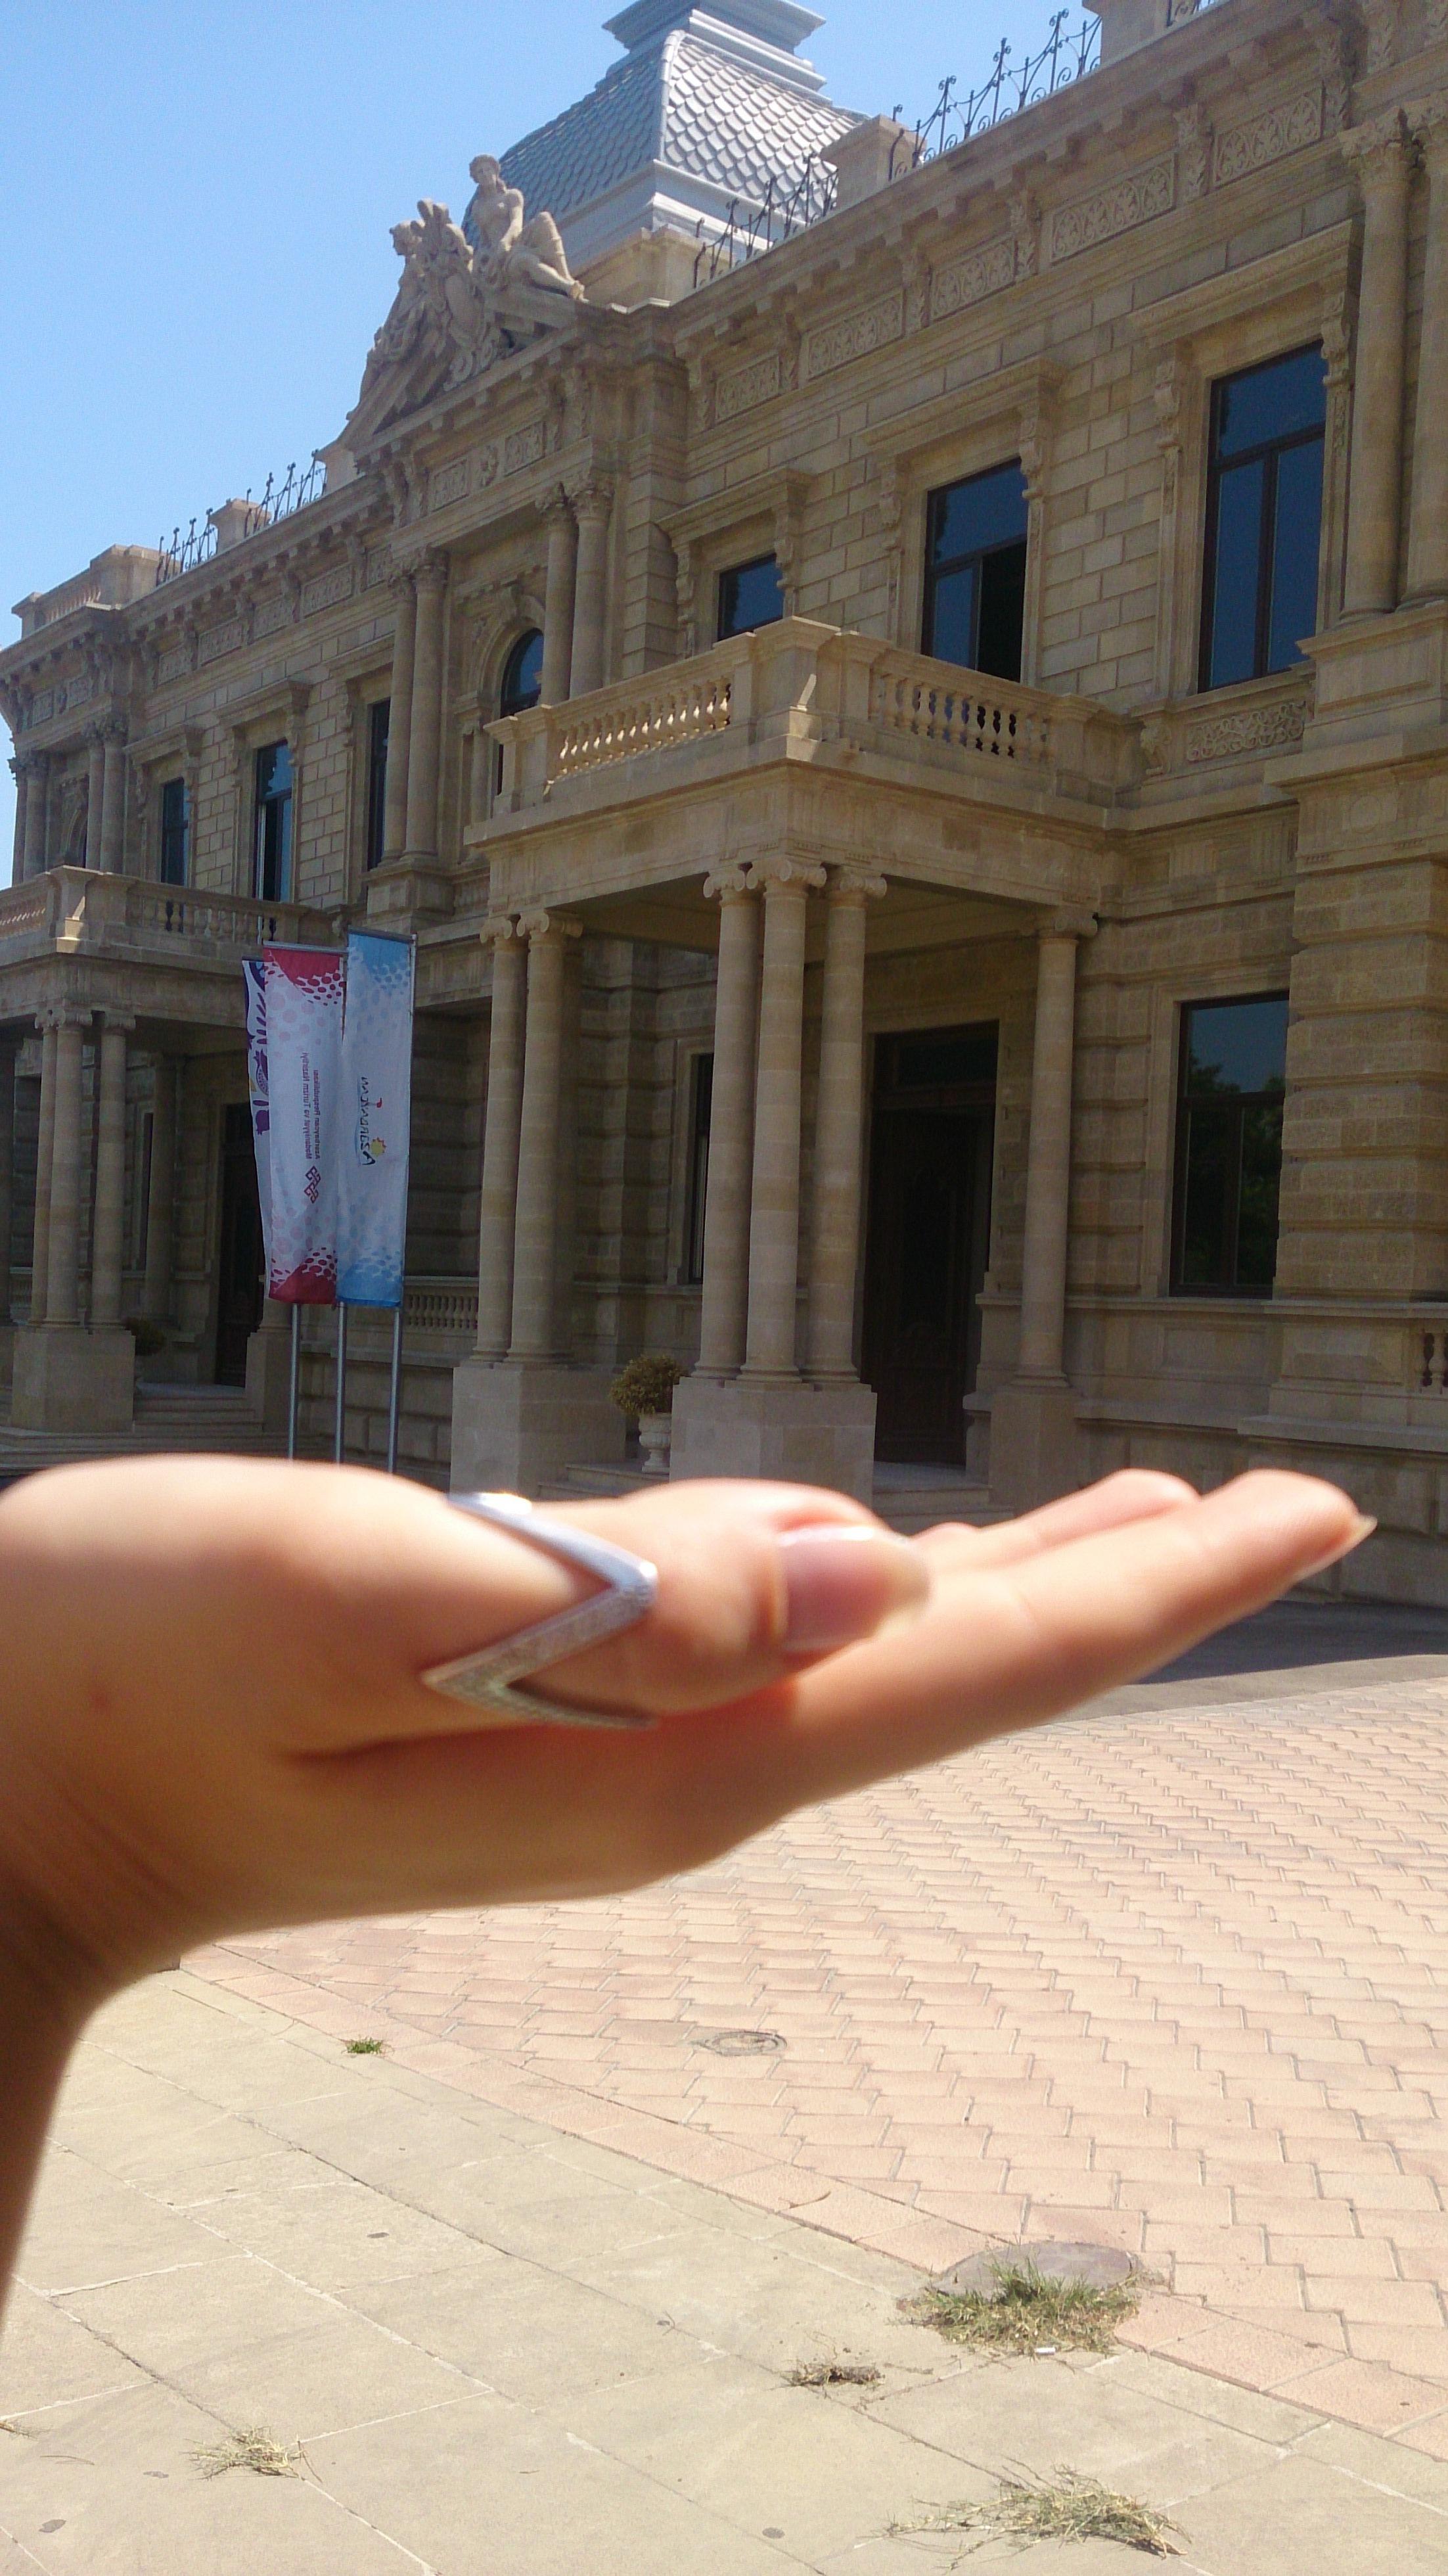 Баку на ладони - интересные истории о старых знакомцах - РЕПОРТАЖ - ФОТО